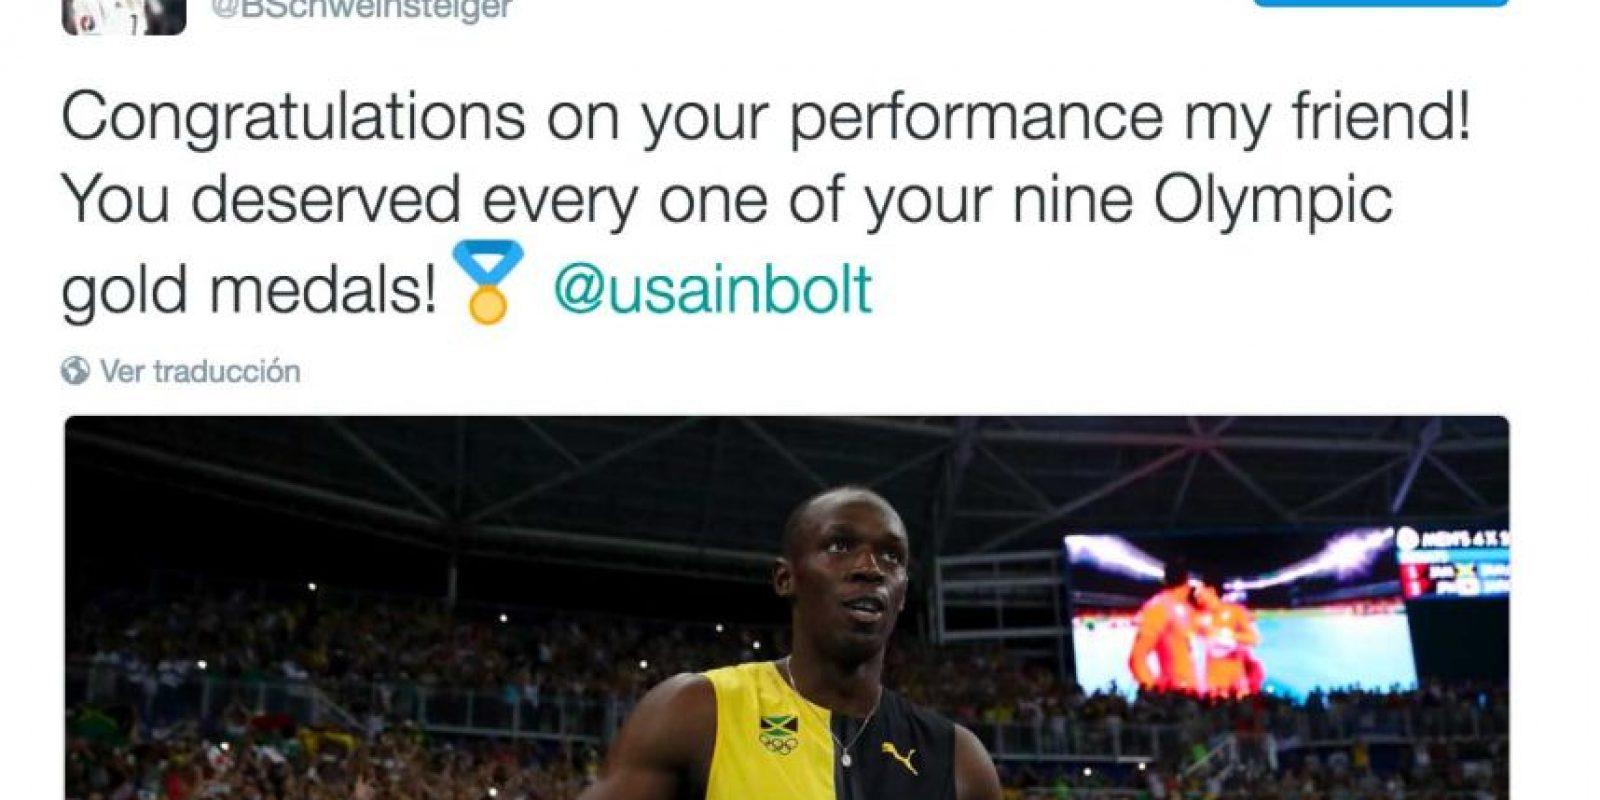 """""""Felicidades por tu actuación, amigo. Te mereces cada una de tus nueve medallas olímpicas"""", publicó Bastian Schweinsteiger. Foto:Twitter. Imagen Por:"""